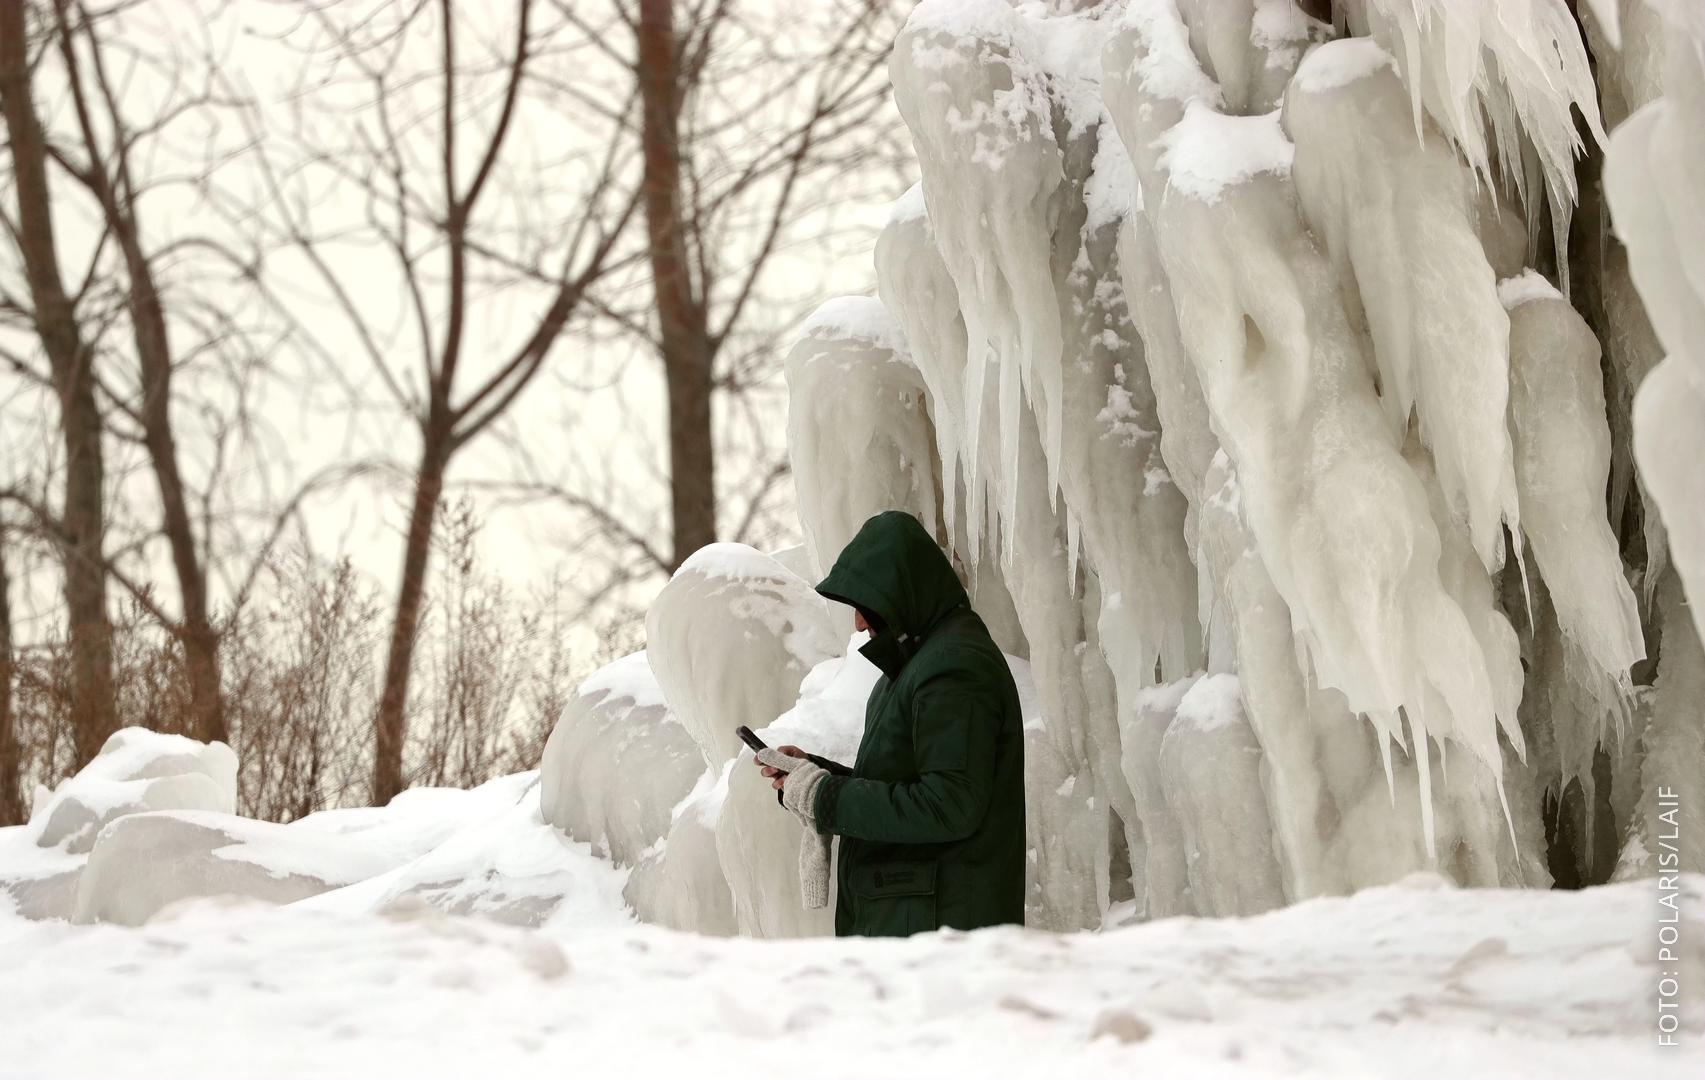 Ein Mann steht mit seinem Smartphone vor riesigen Säulen aus Eis.